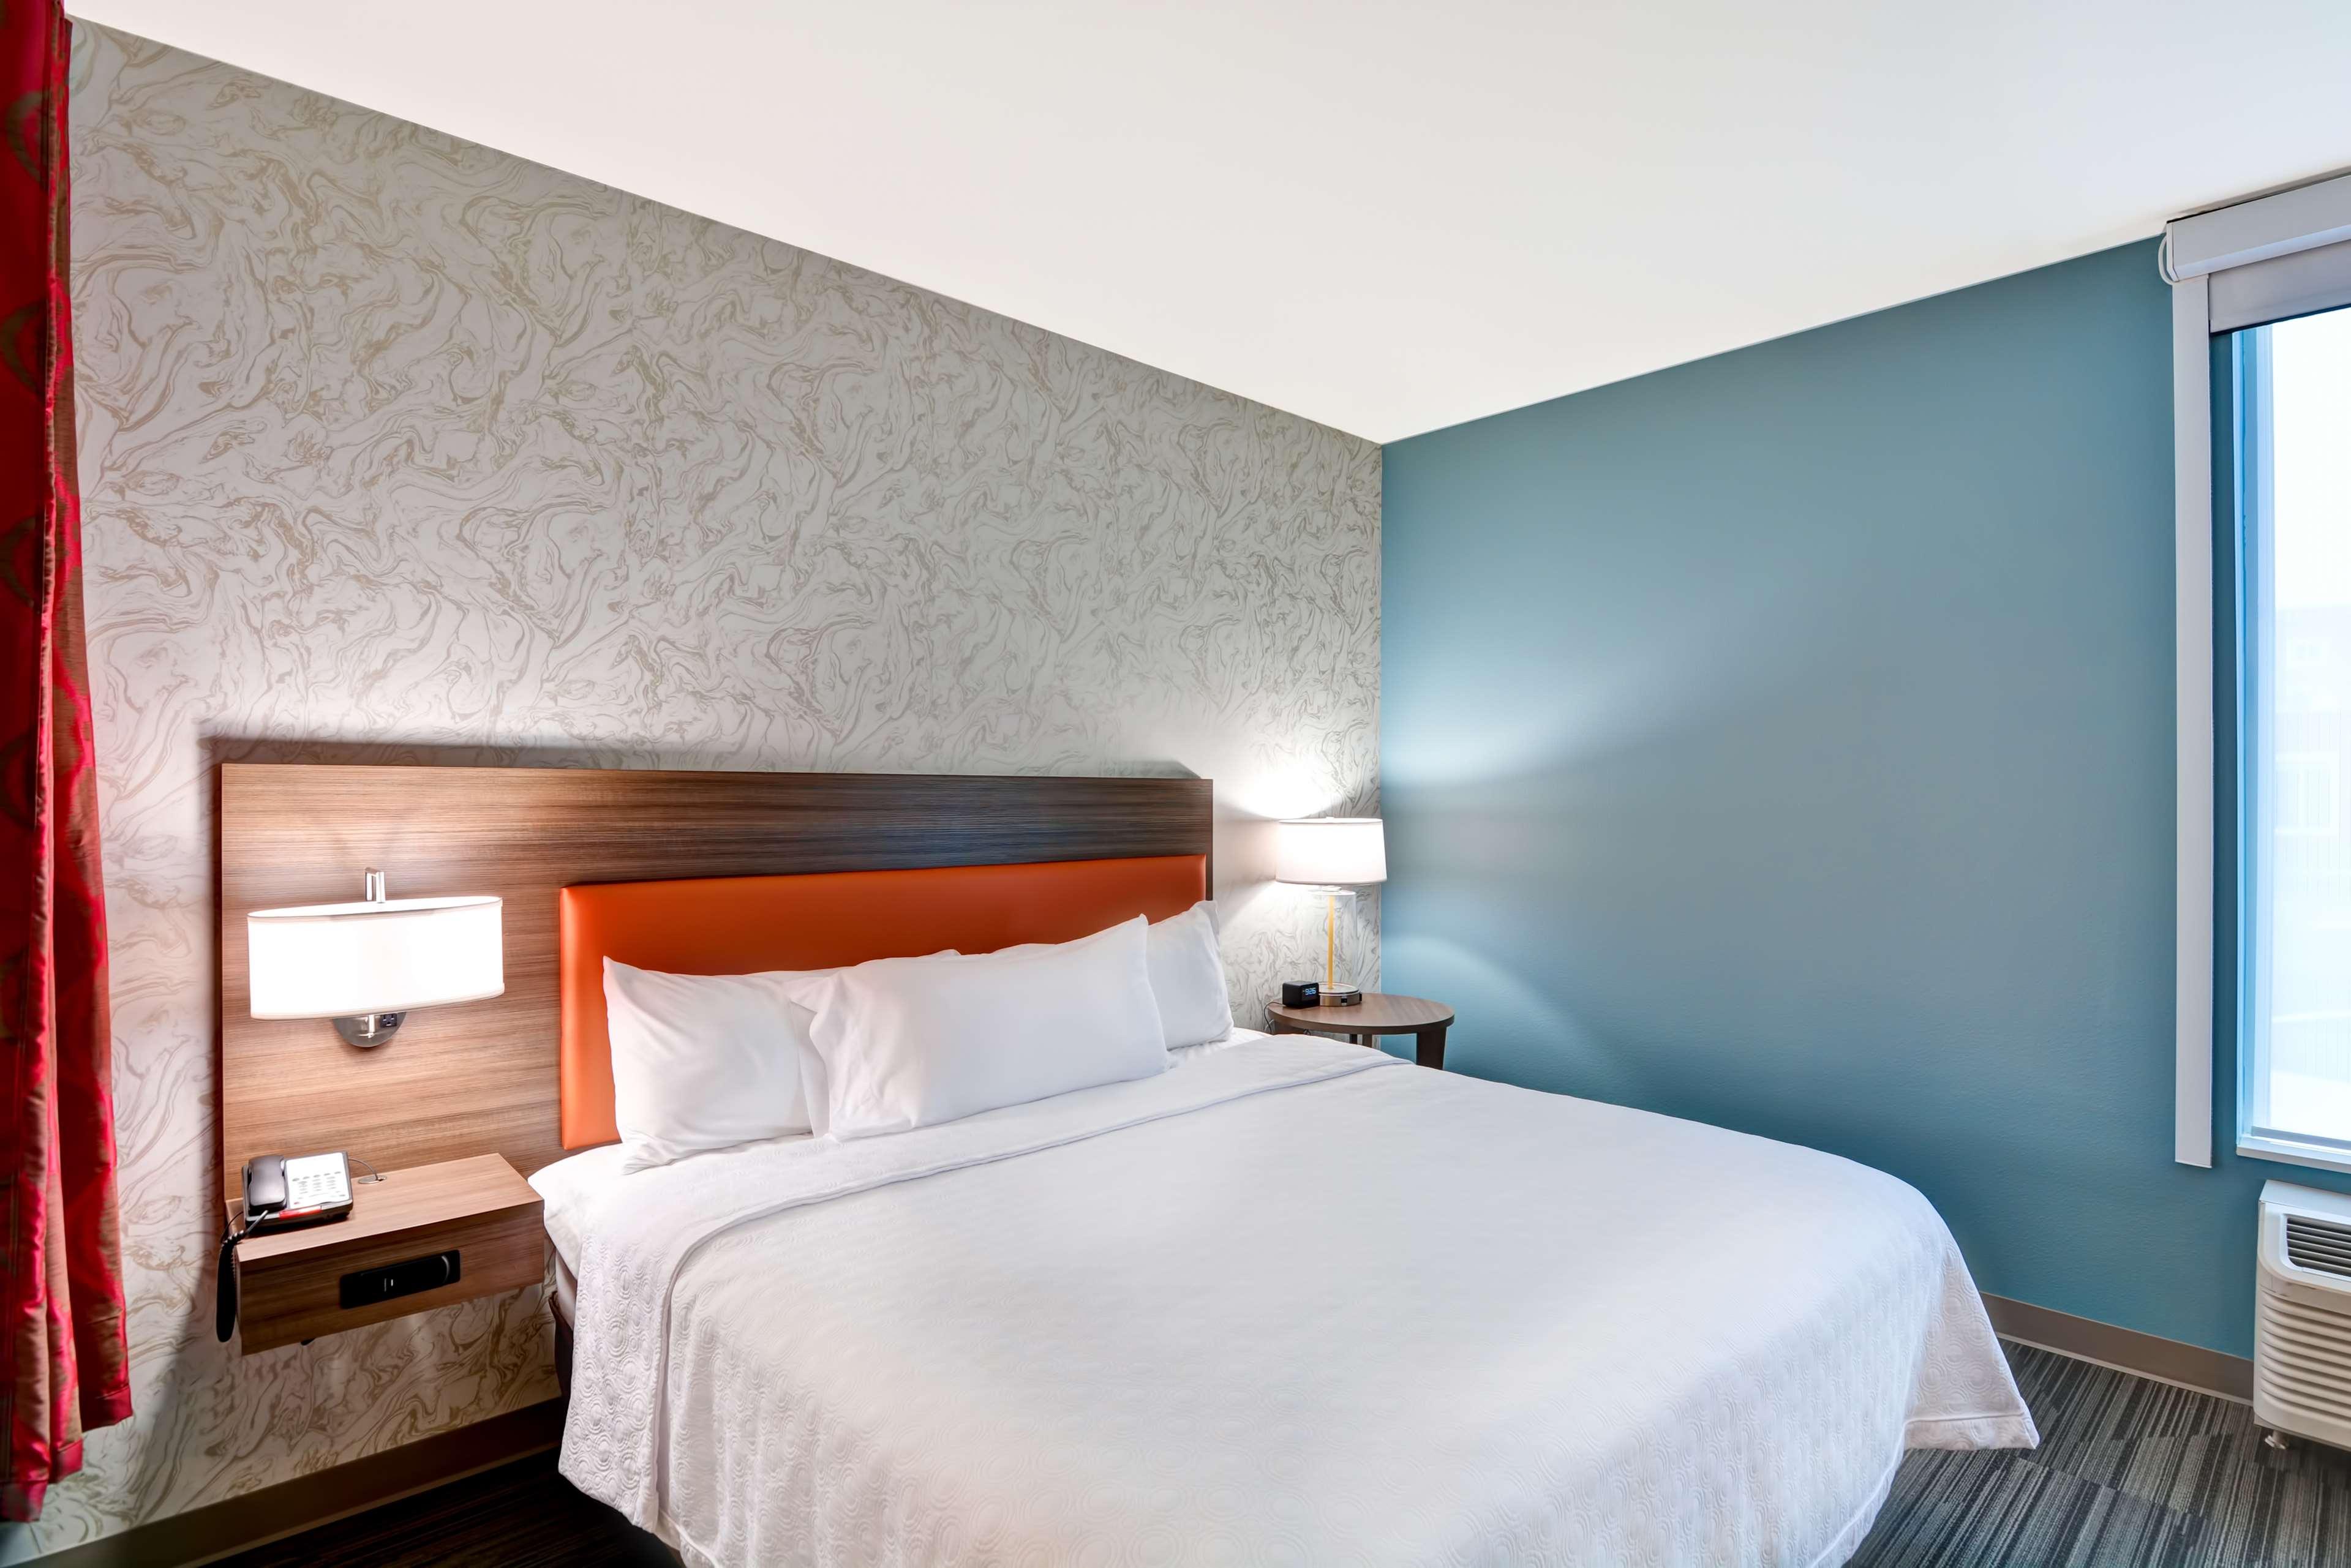 Home2 Suites by Hilton Lafayette image 29